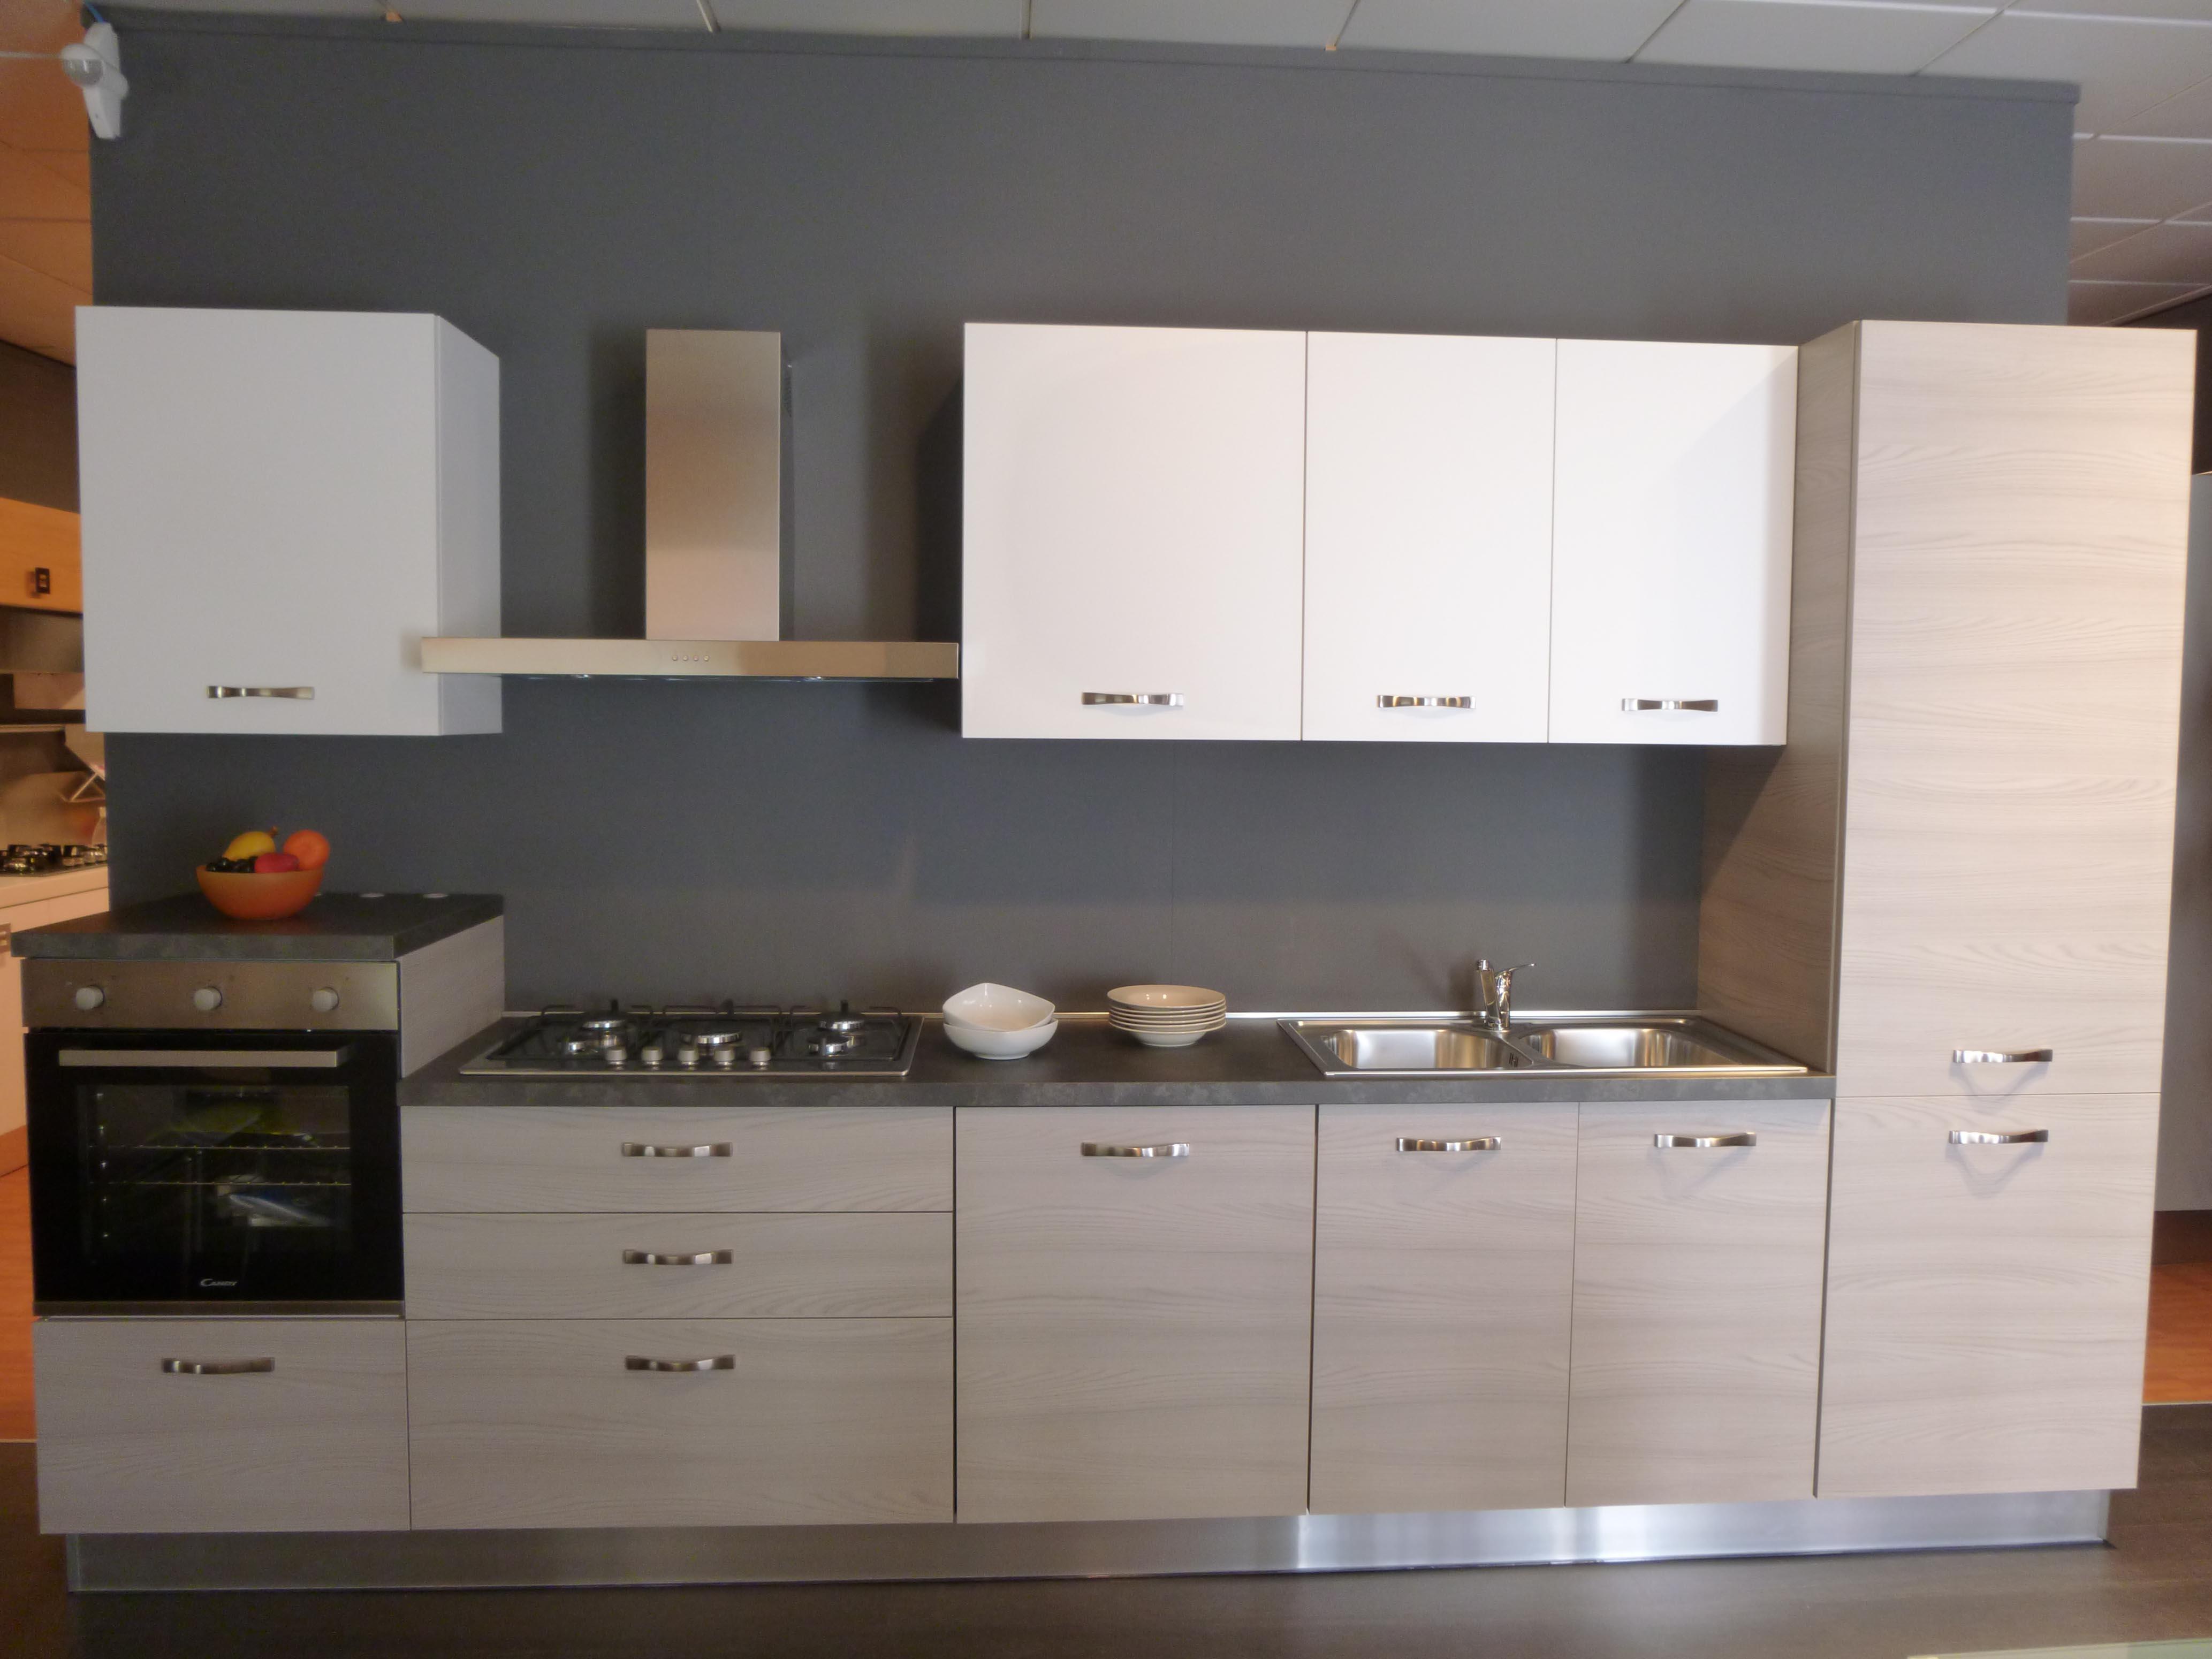 Cucina componibile mod mango in promozione completa di - Elettrodomestici cucina ...